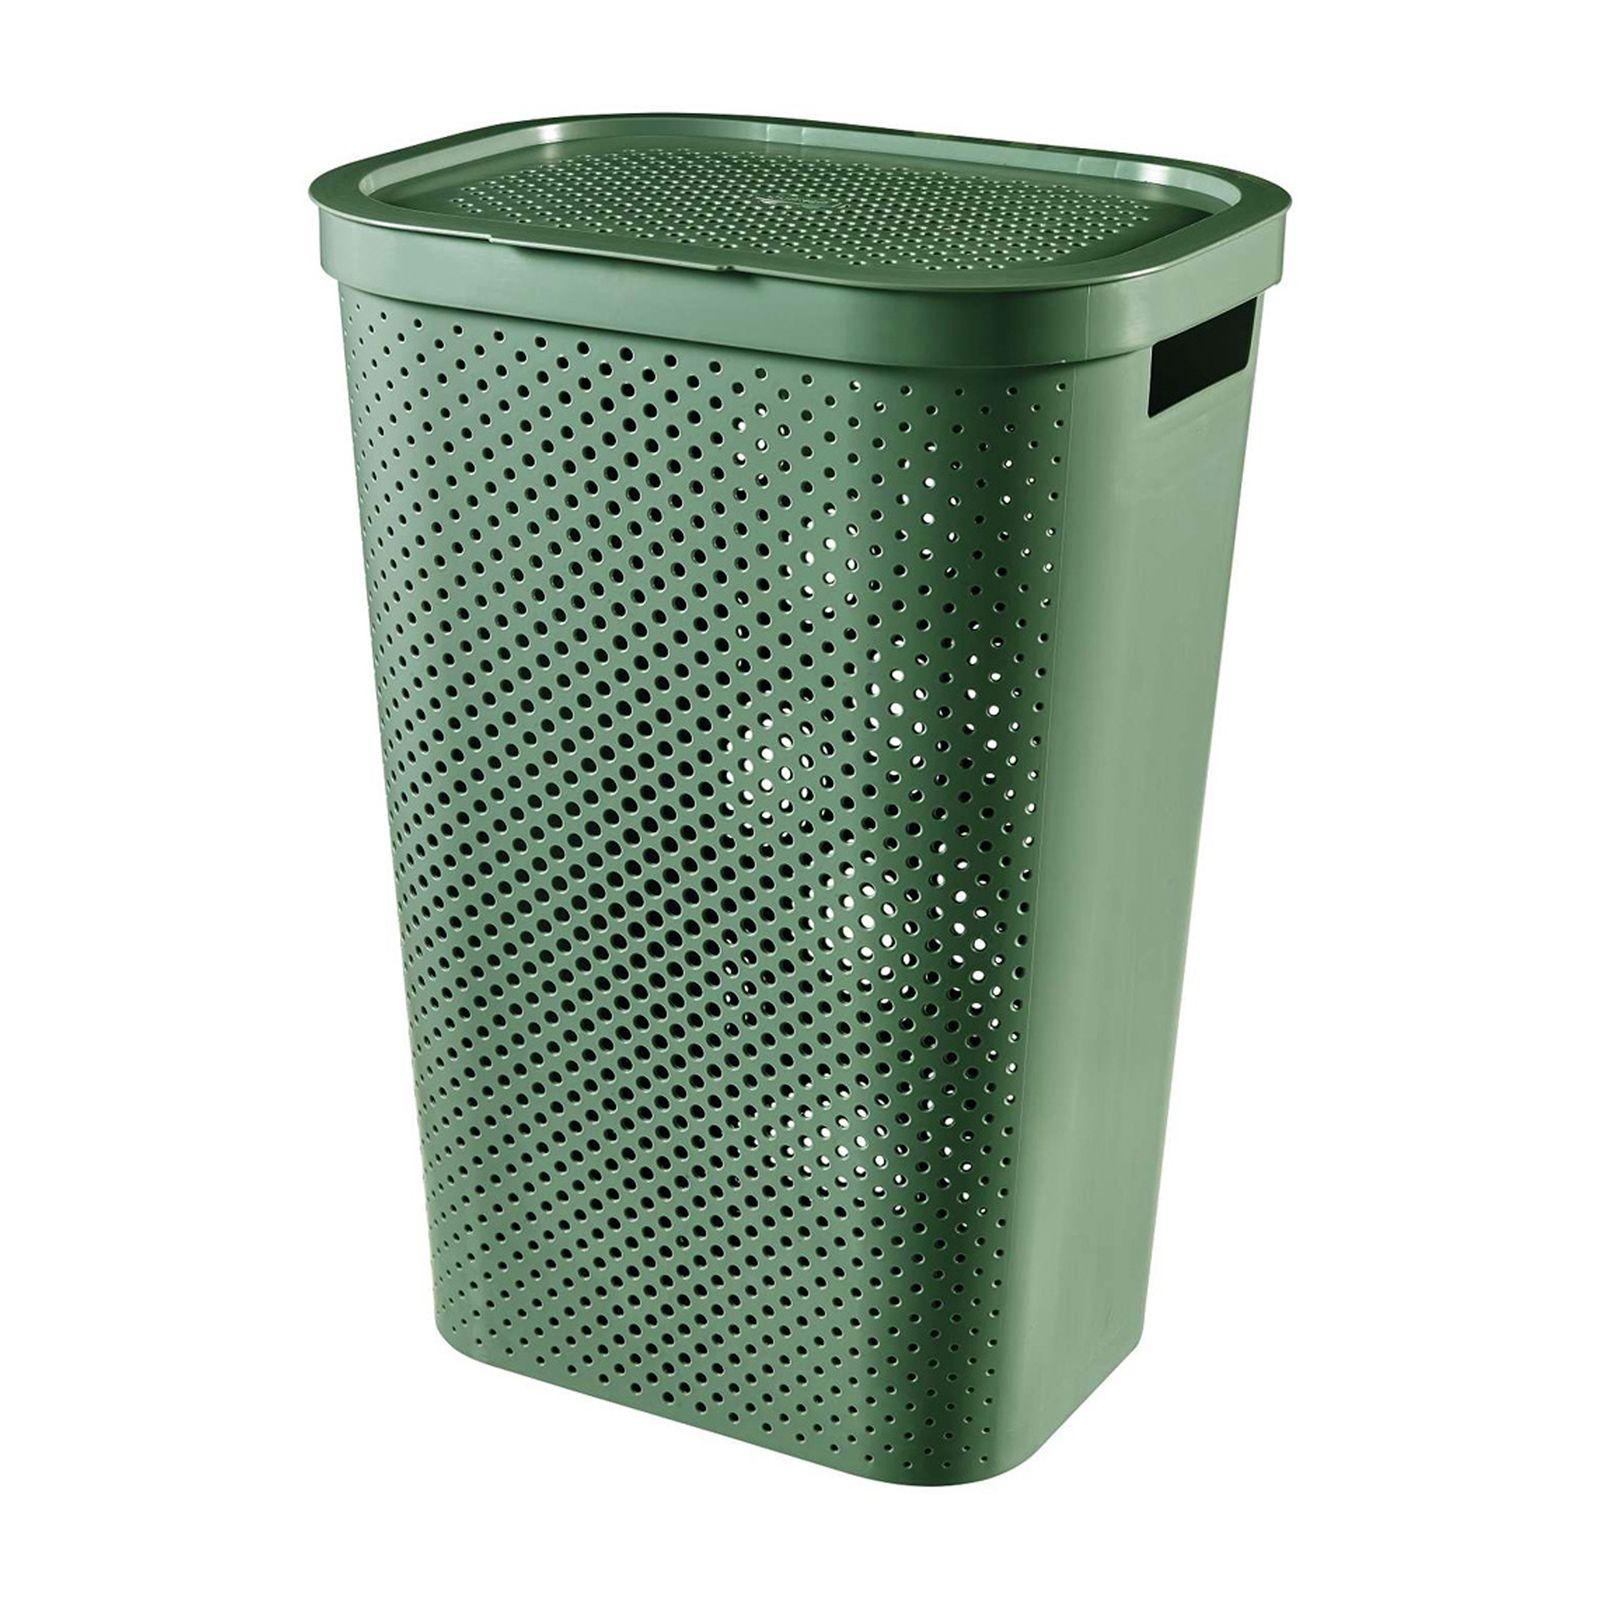 Kosz na bieliznę Infinity 100% Recykling Eko 60 L zielony CURVER